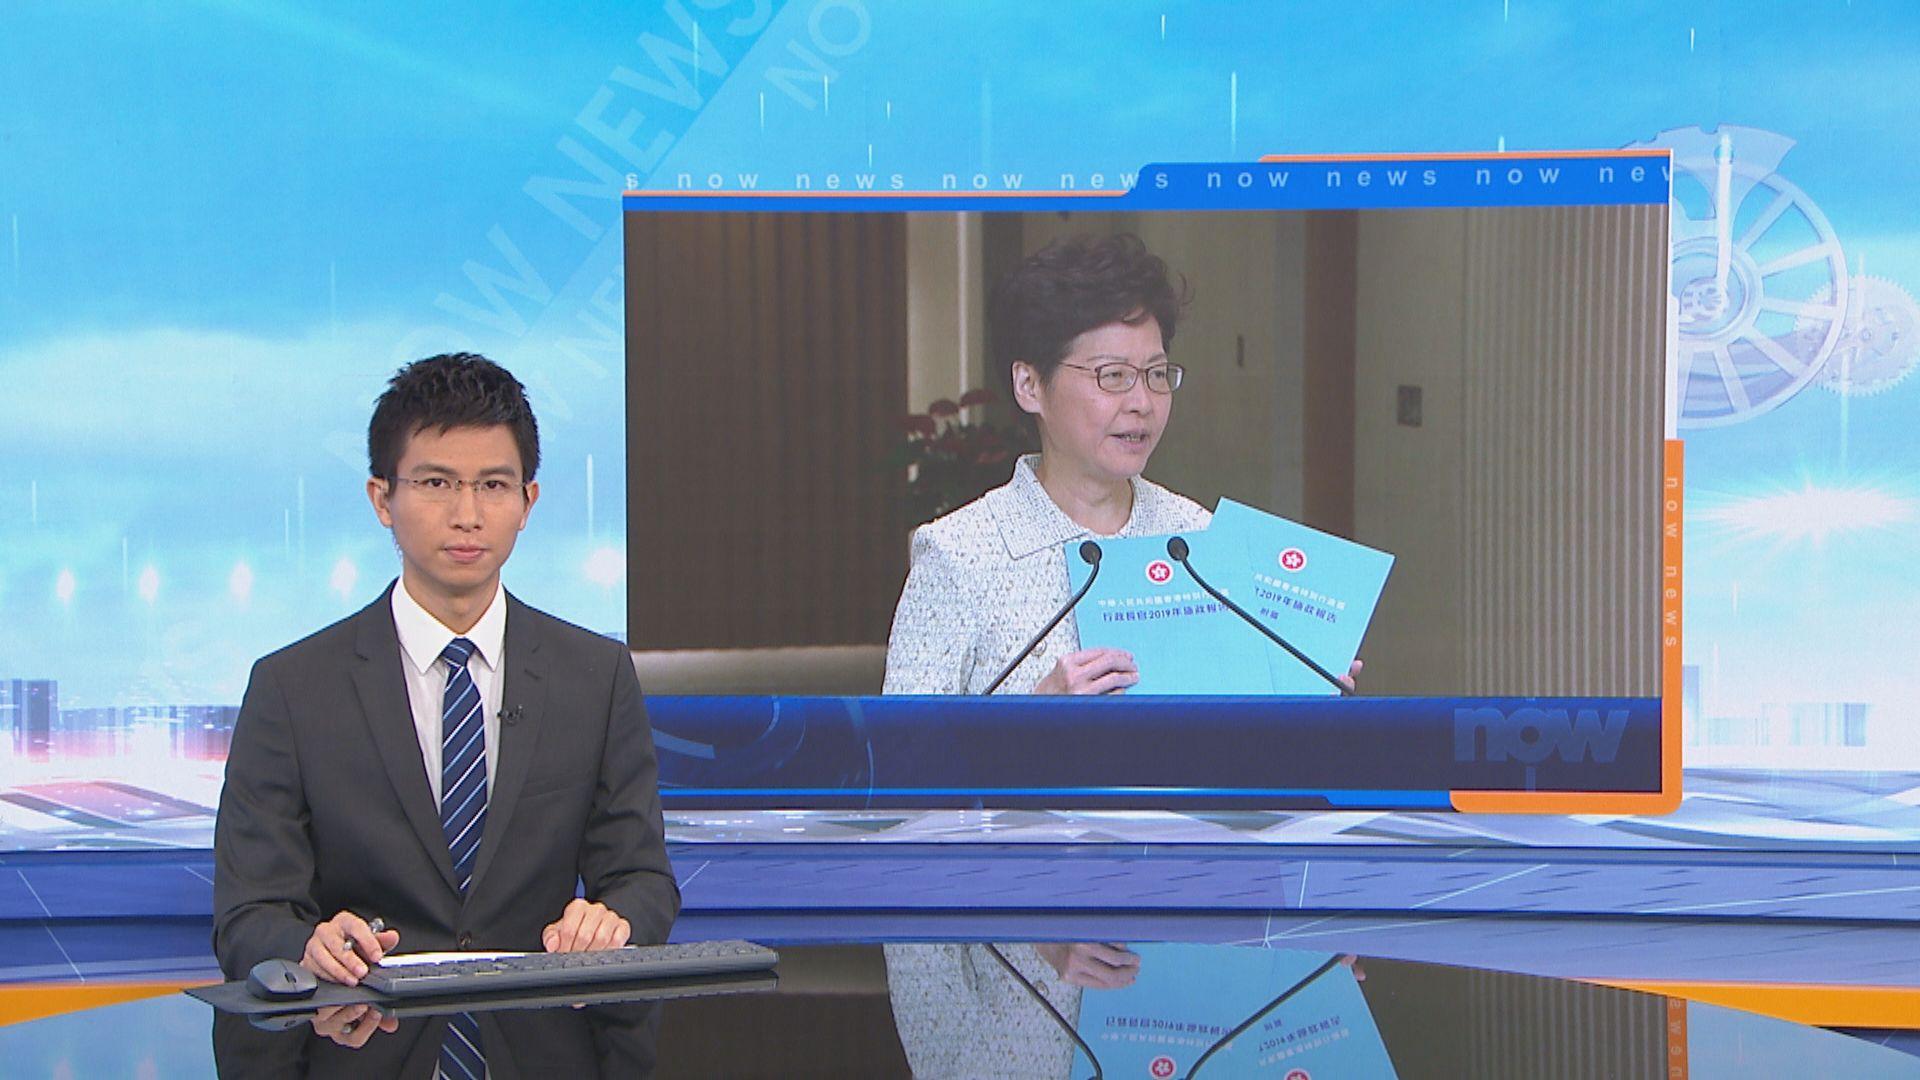 林鄭:區選壓力來自示威者破壞平靜選舉氣氛